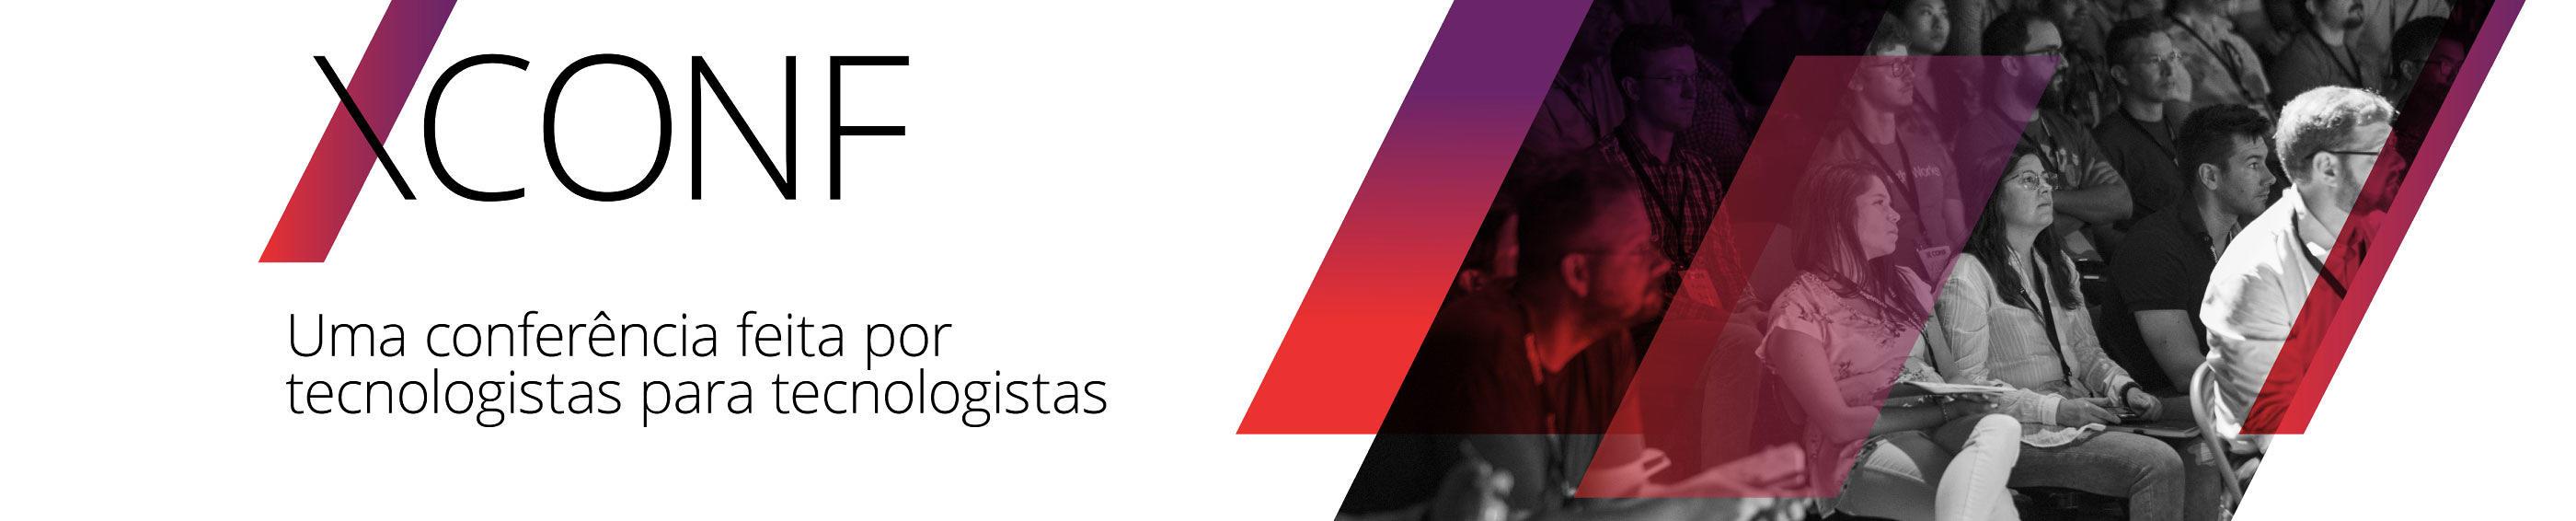 XConf  — Uma conferência feita de tecnologistas para tecnologistas.